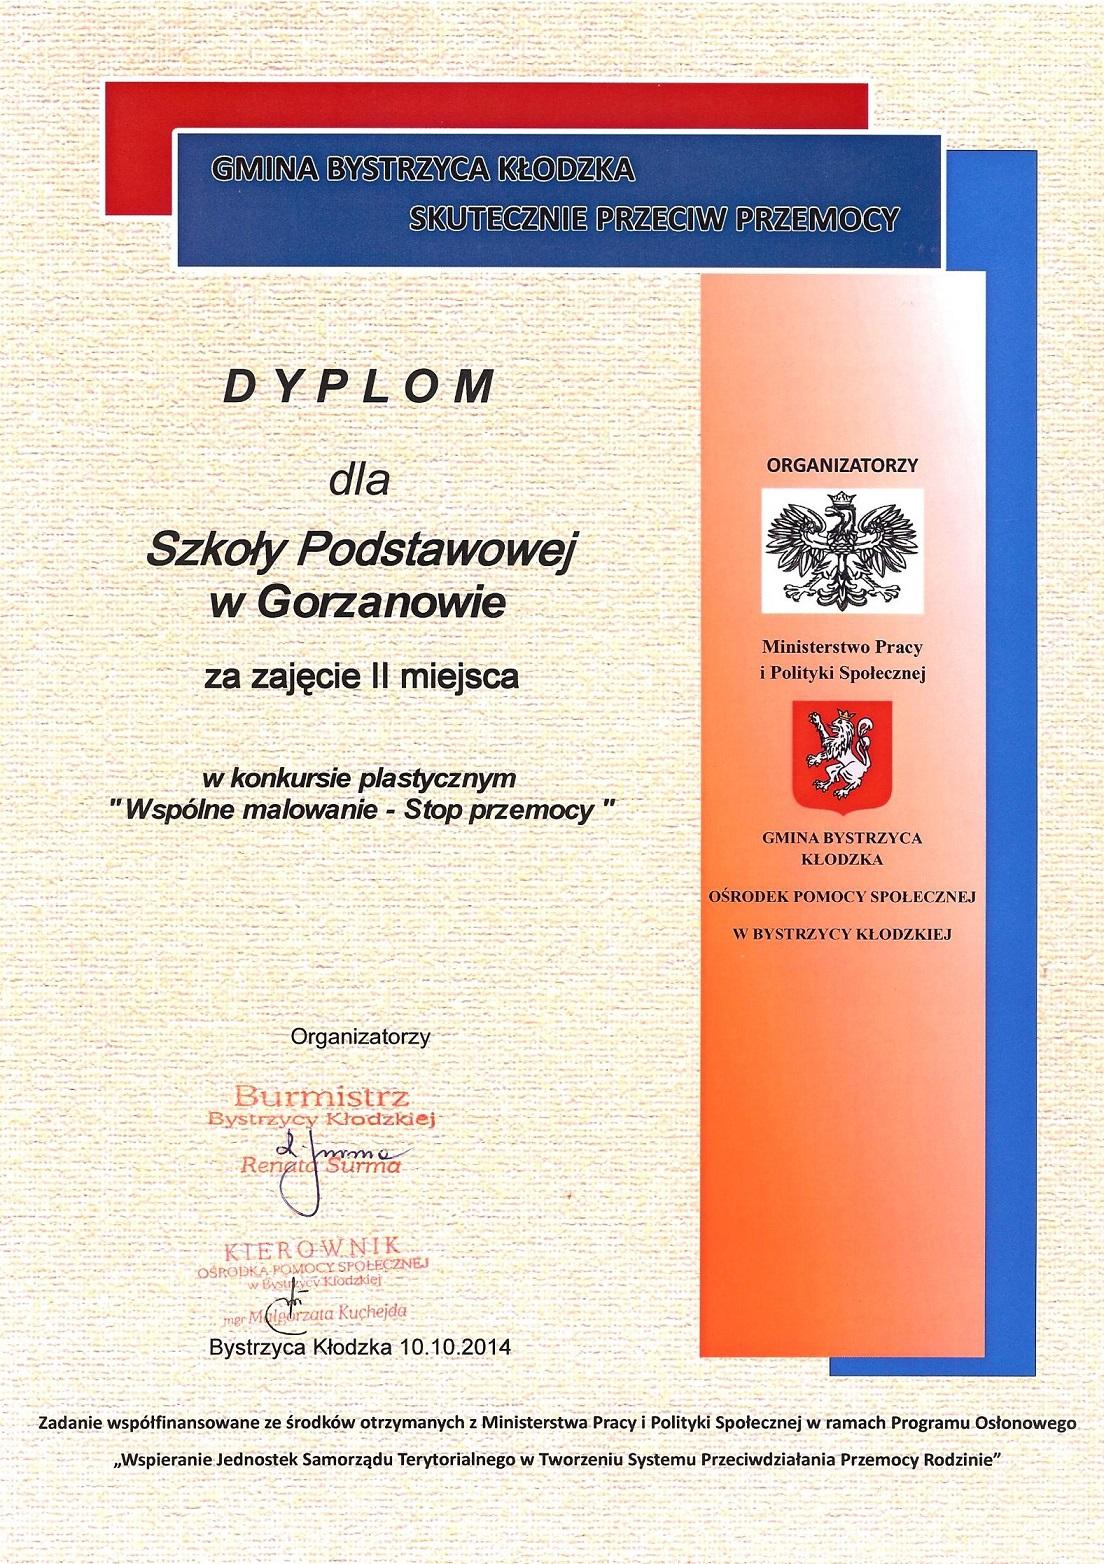 2014.10.14. Dyplom_Konkurs_Plastyczny_Wspólne malowanie